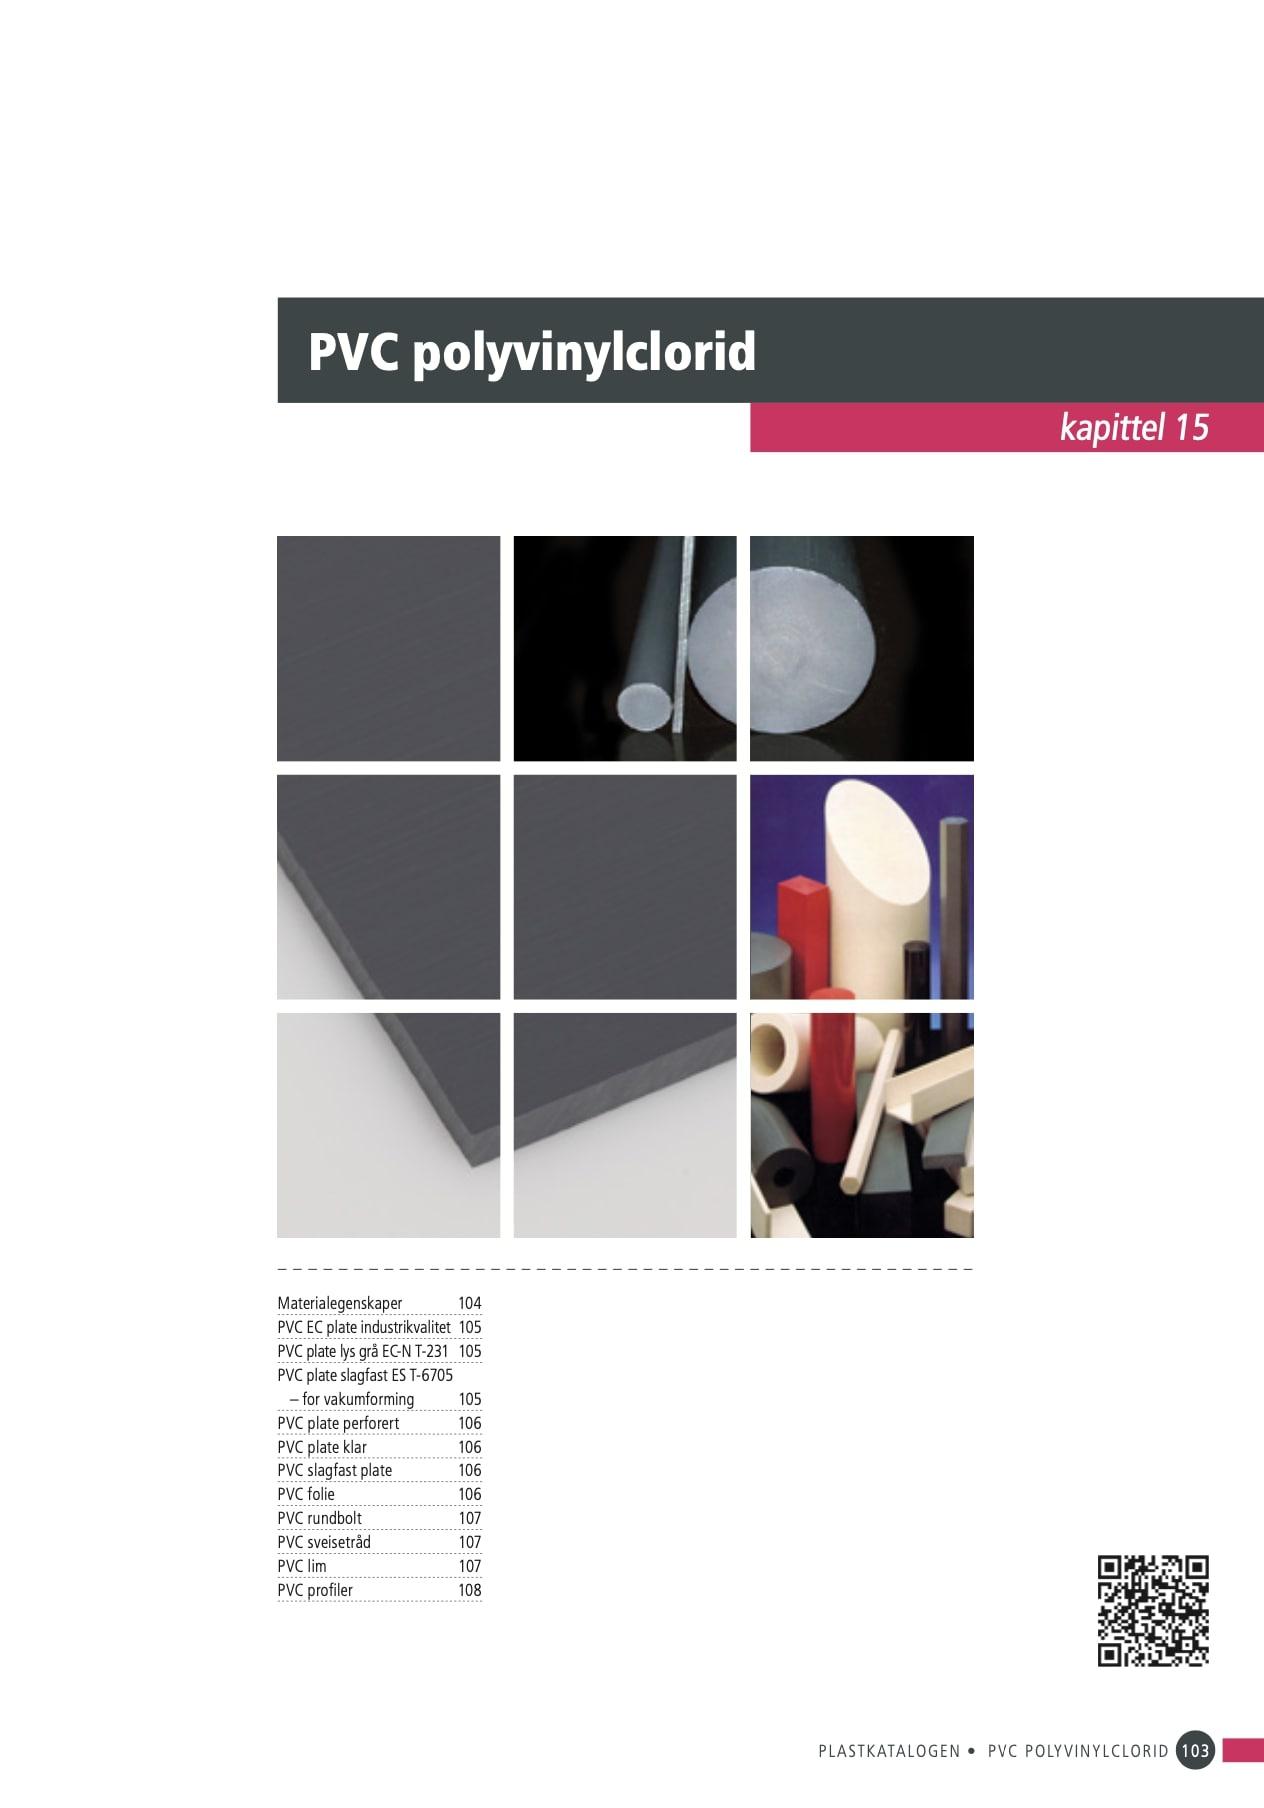 15. PVC